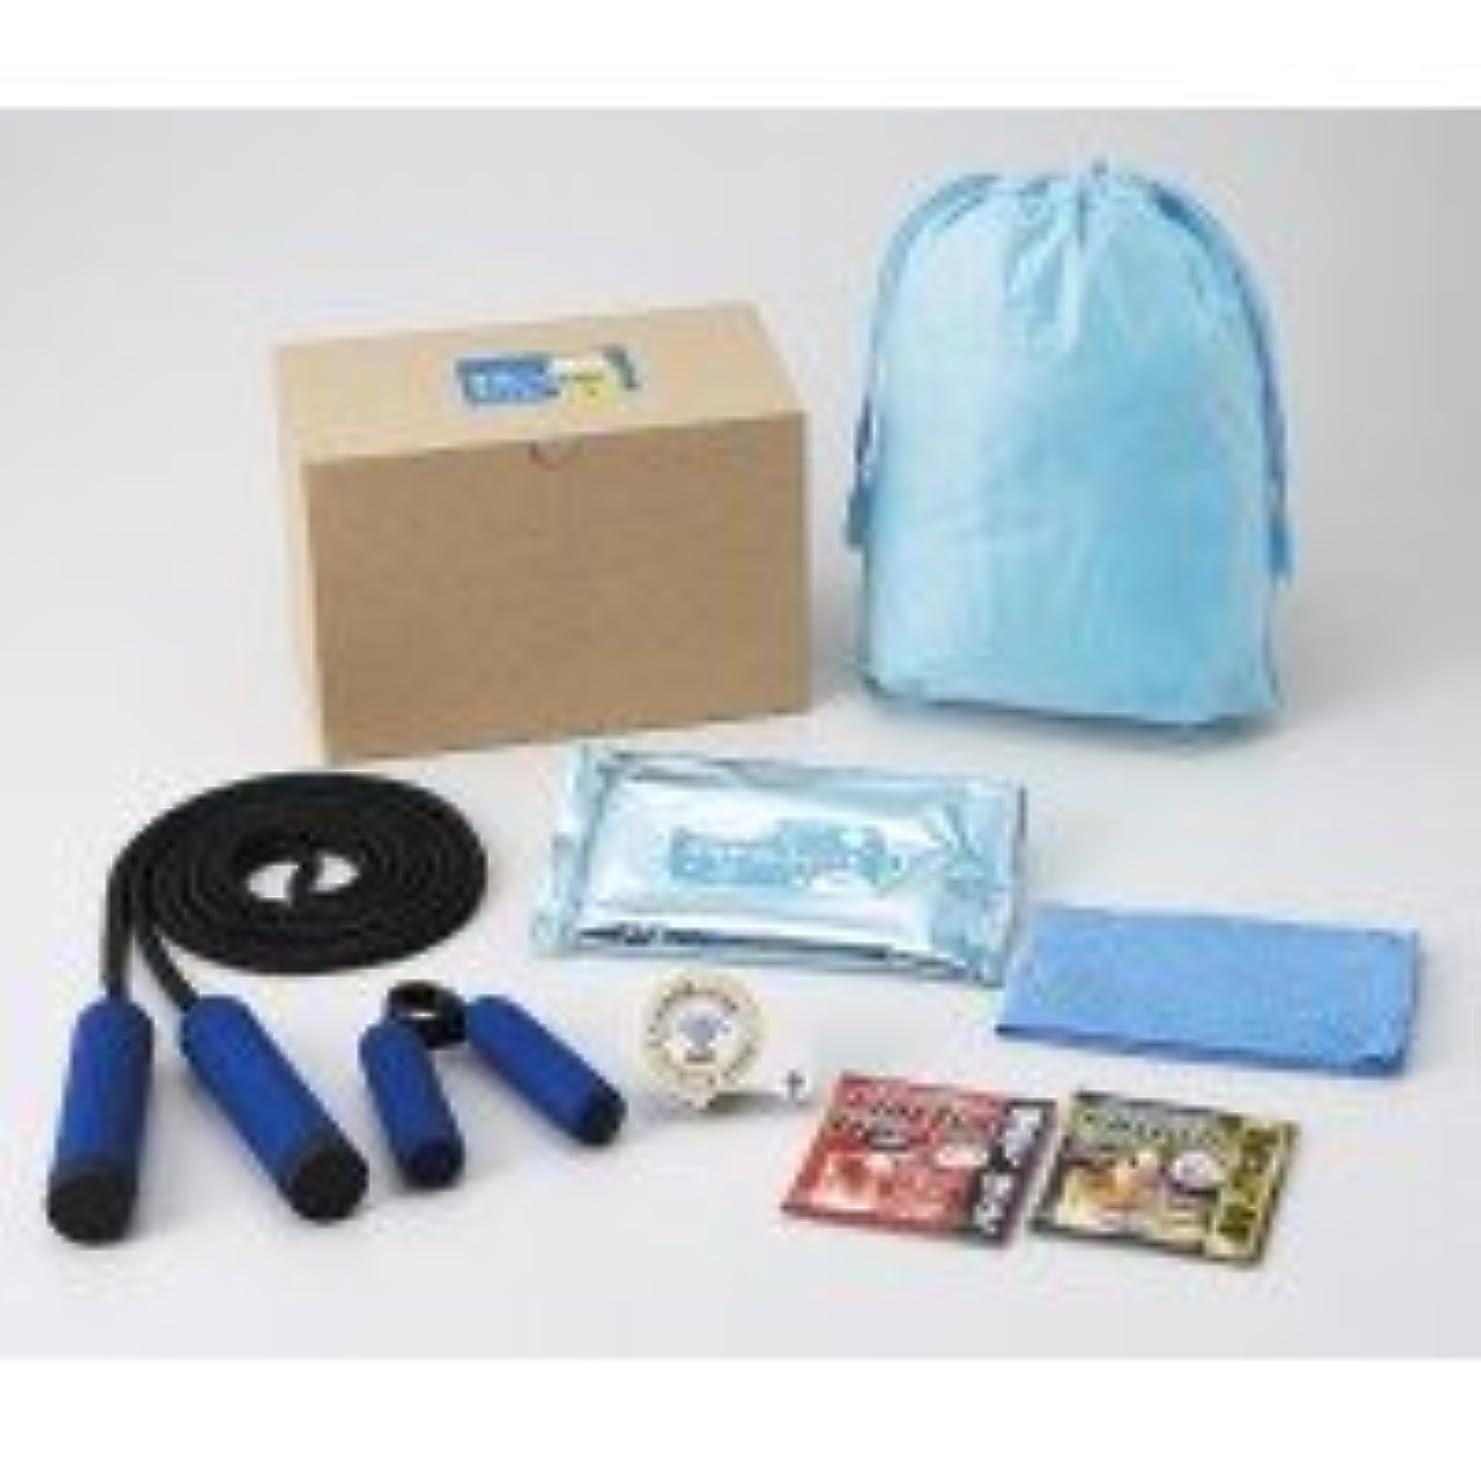 いつも関係する荷物健康エクササイズ ボディケアセット304 55-304